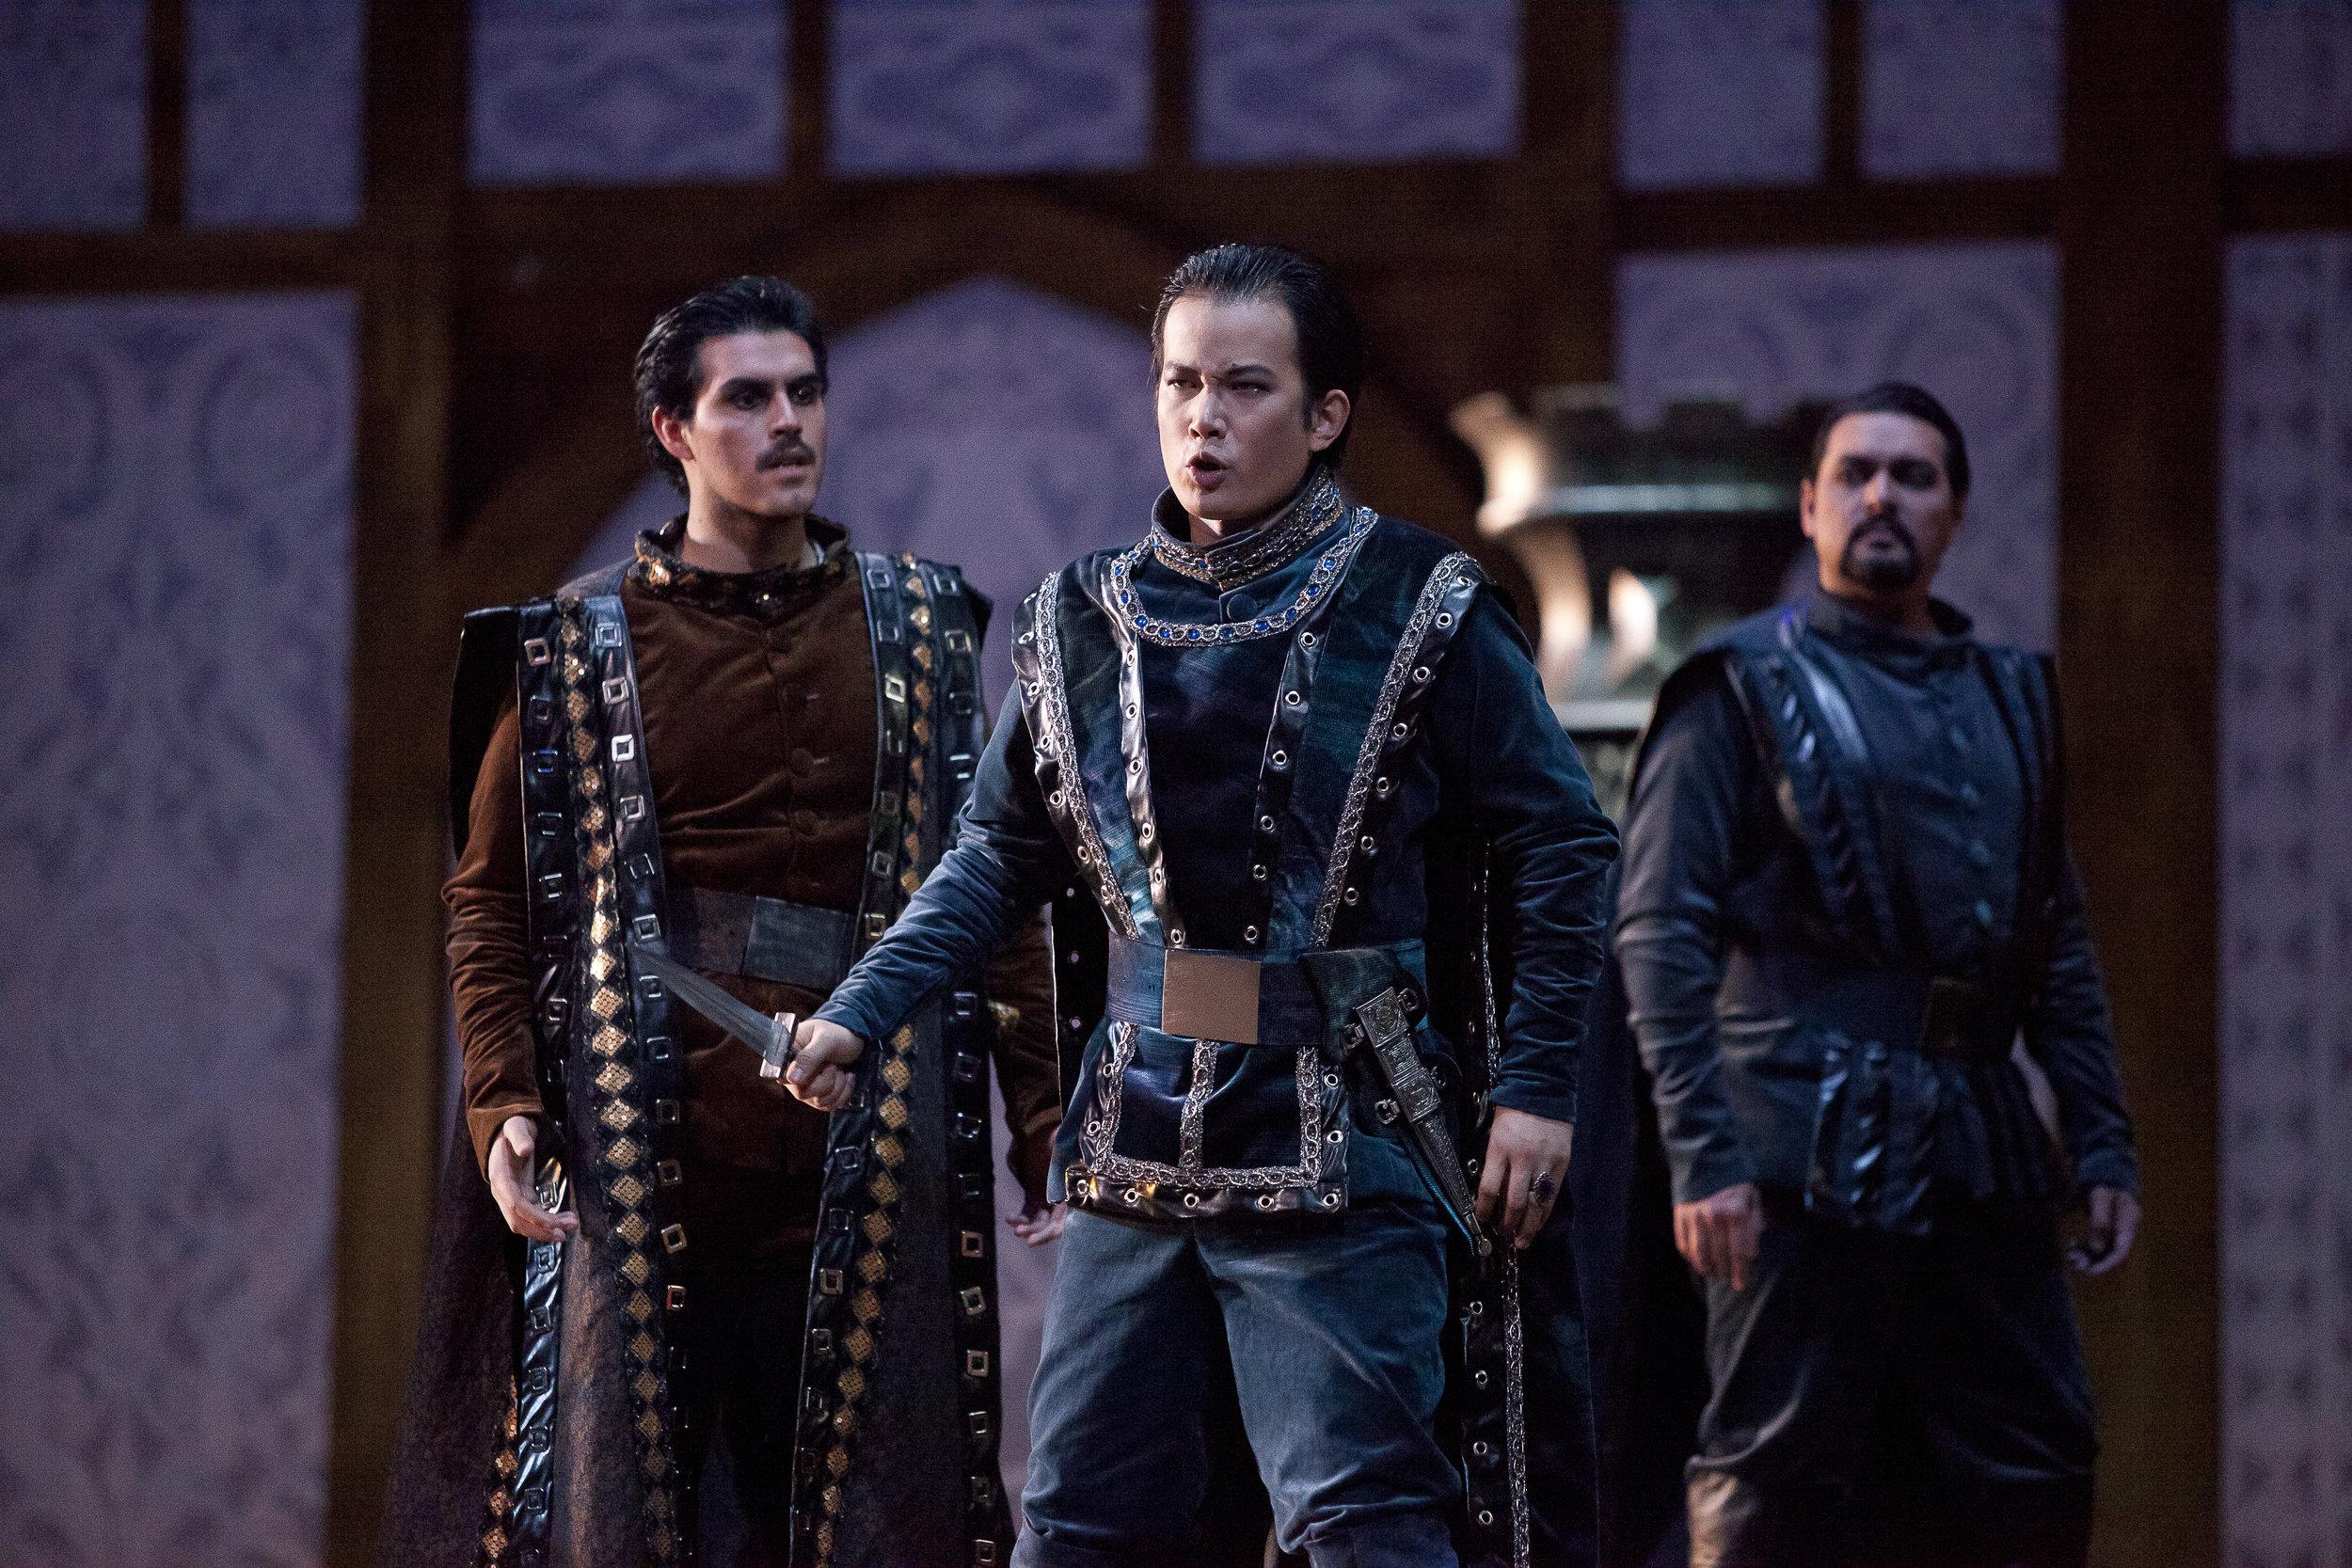 2012年6月智利圣地亚哥歌剧院 多尼采第歌剧《鲁克蕾莎·波吉亚》.jpg